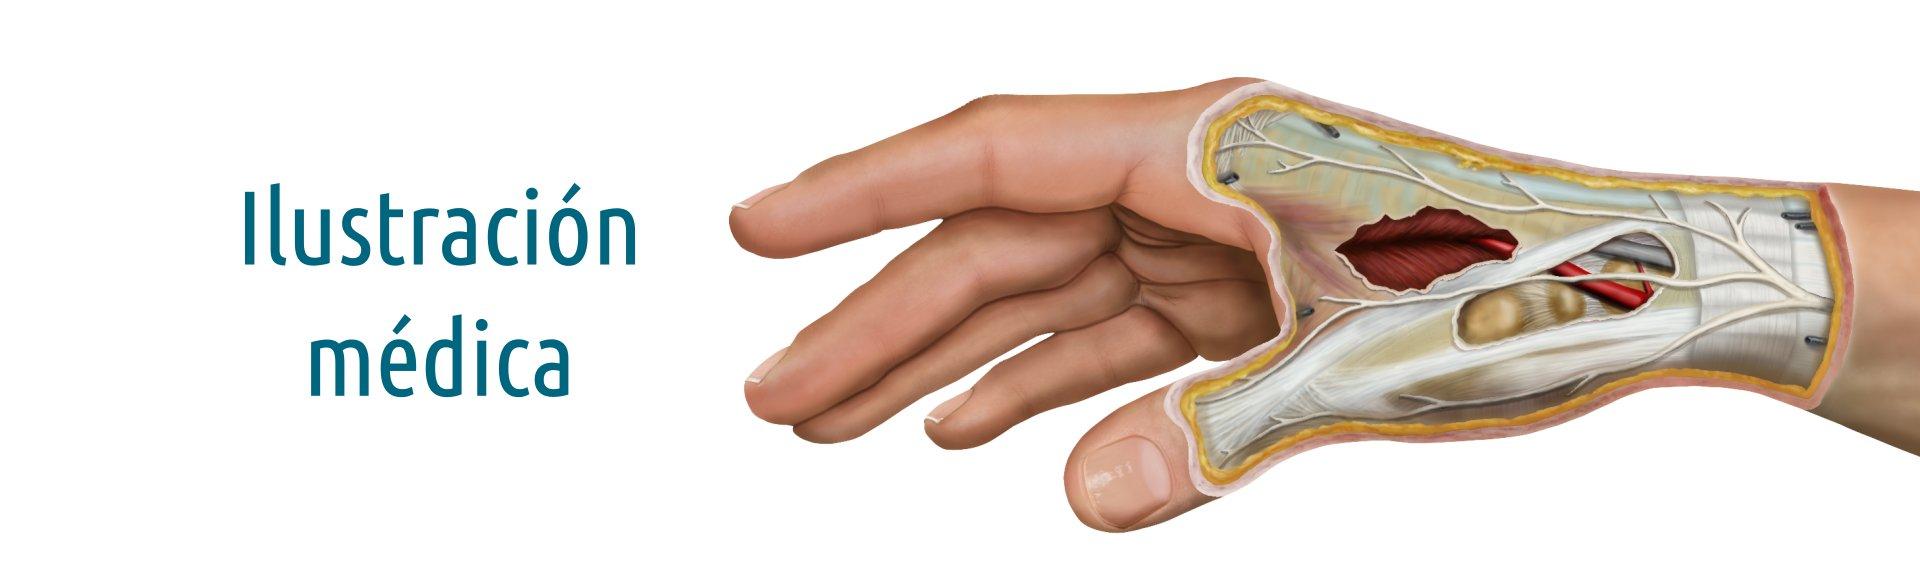 Servicio de Ilustracion médica. Ilustración del corte anatómico de una mano. Dibujo digital matricial. NorArte Visual Science.